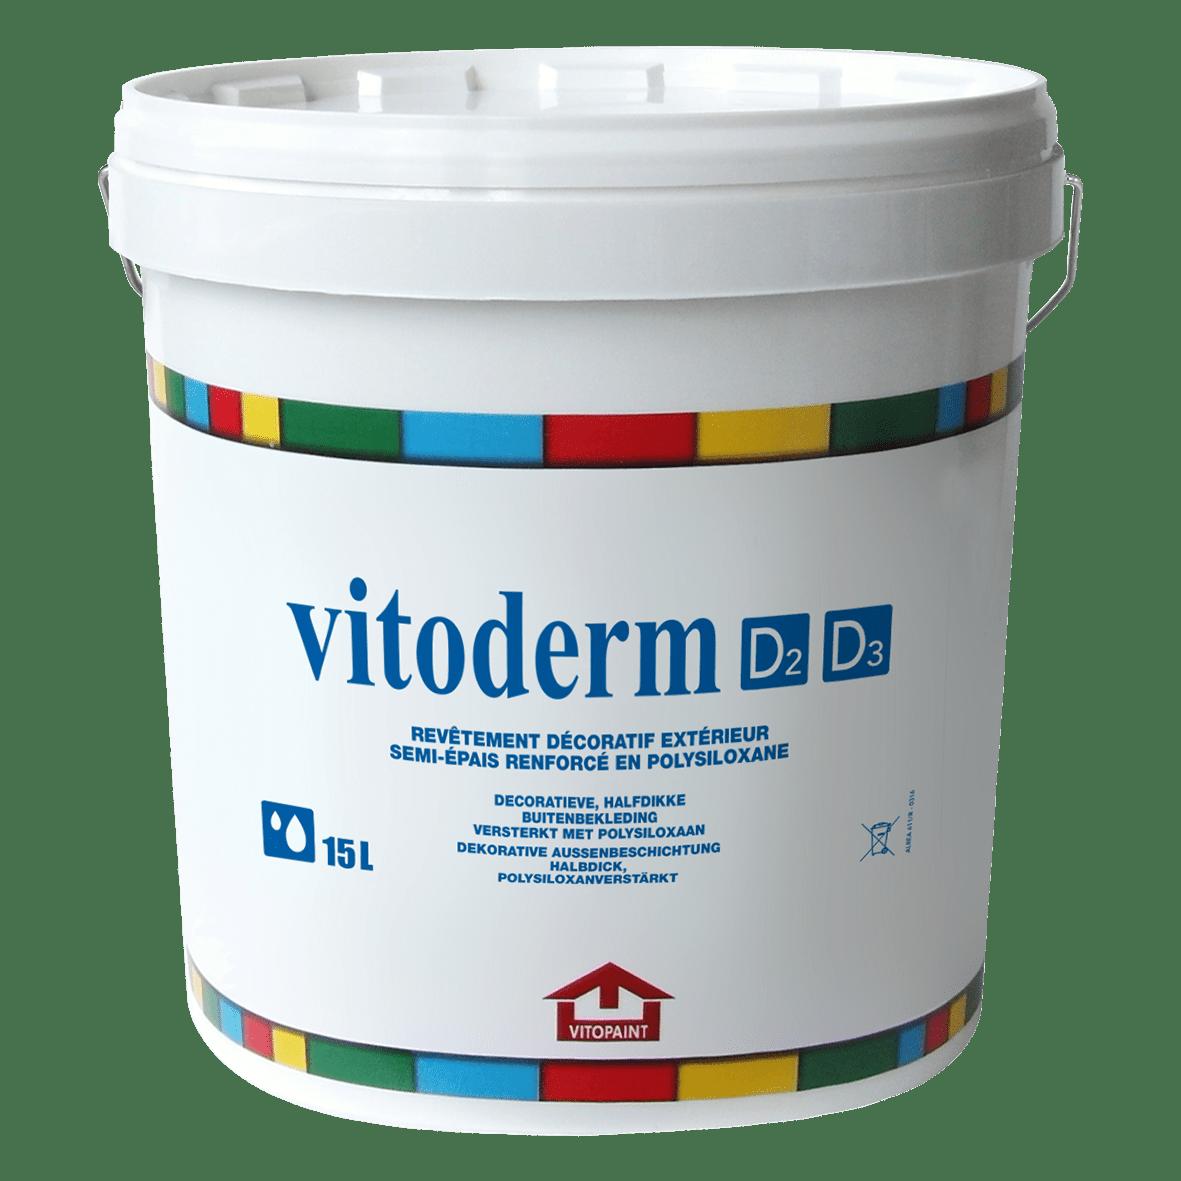 Vitoderm